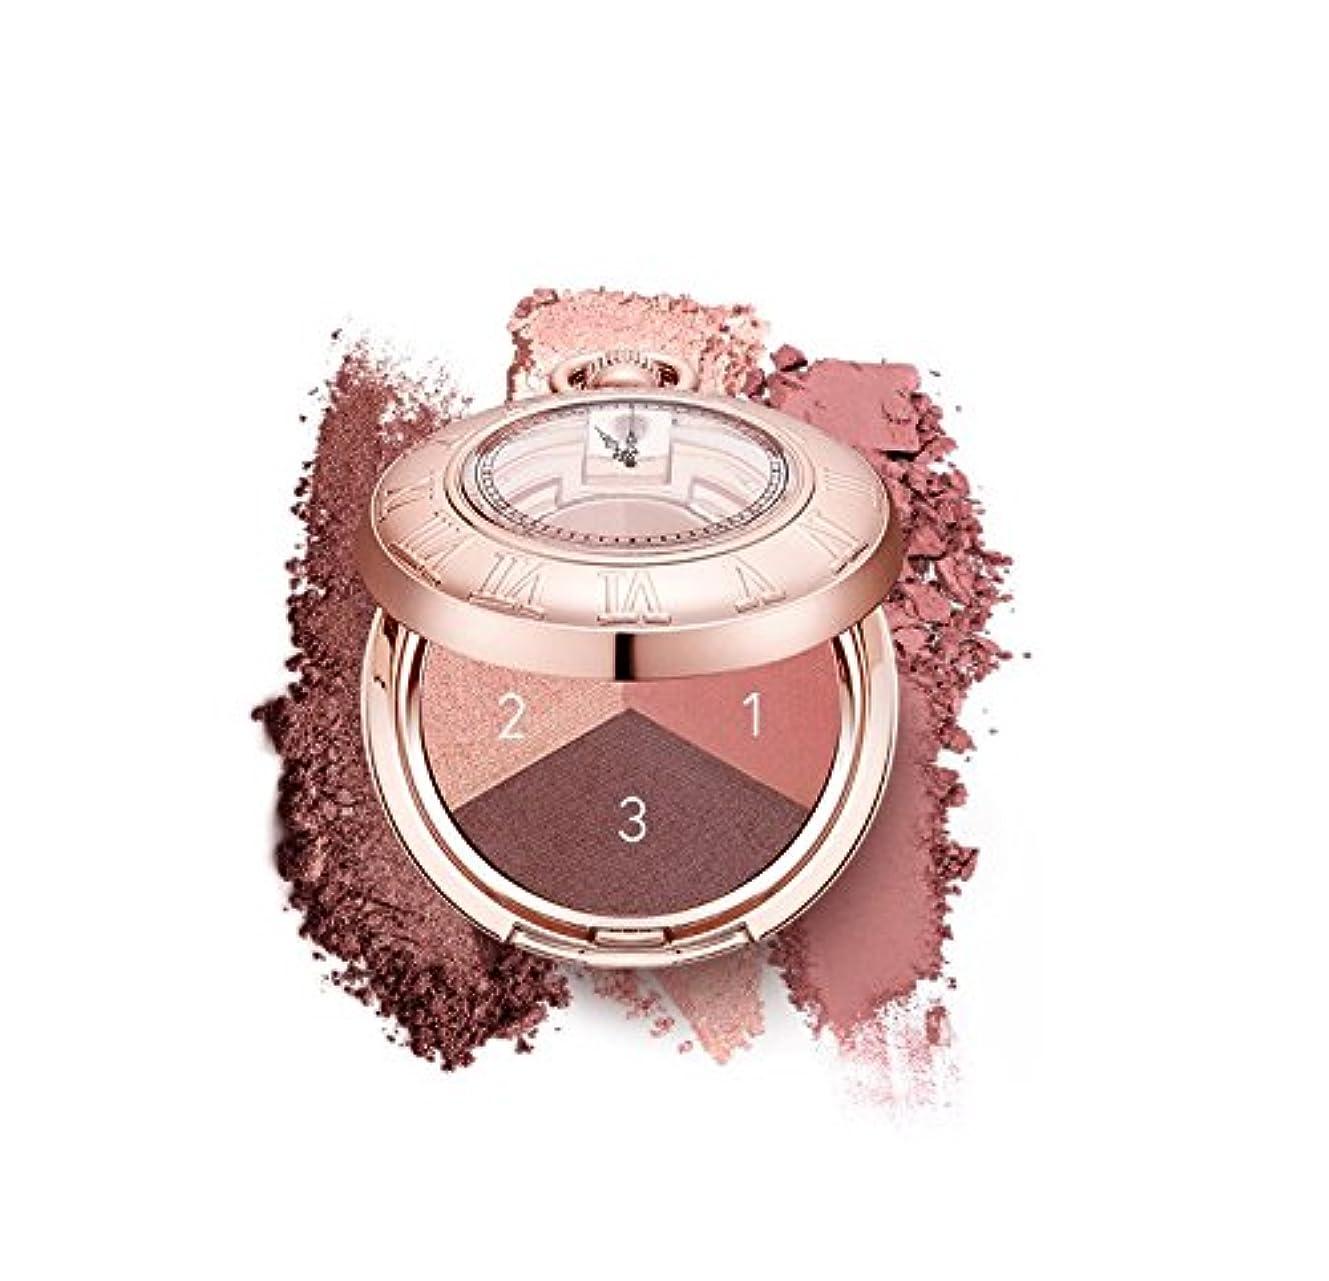 肥料直立やりがいのあるLABIOTTE (ラビオッテ) モメンティック タイム シャドウ / labiotte Momentique Time Shadow (11:00 o'clock) [並行輸入品]